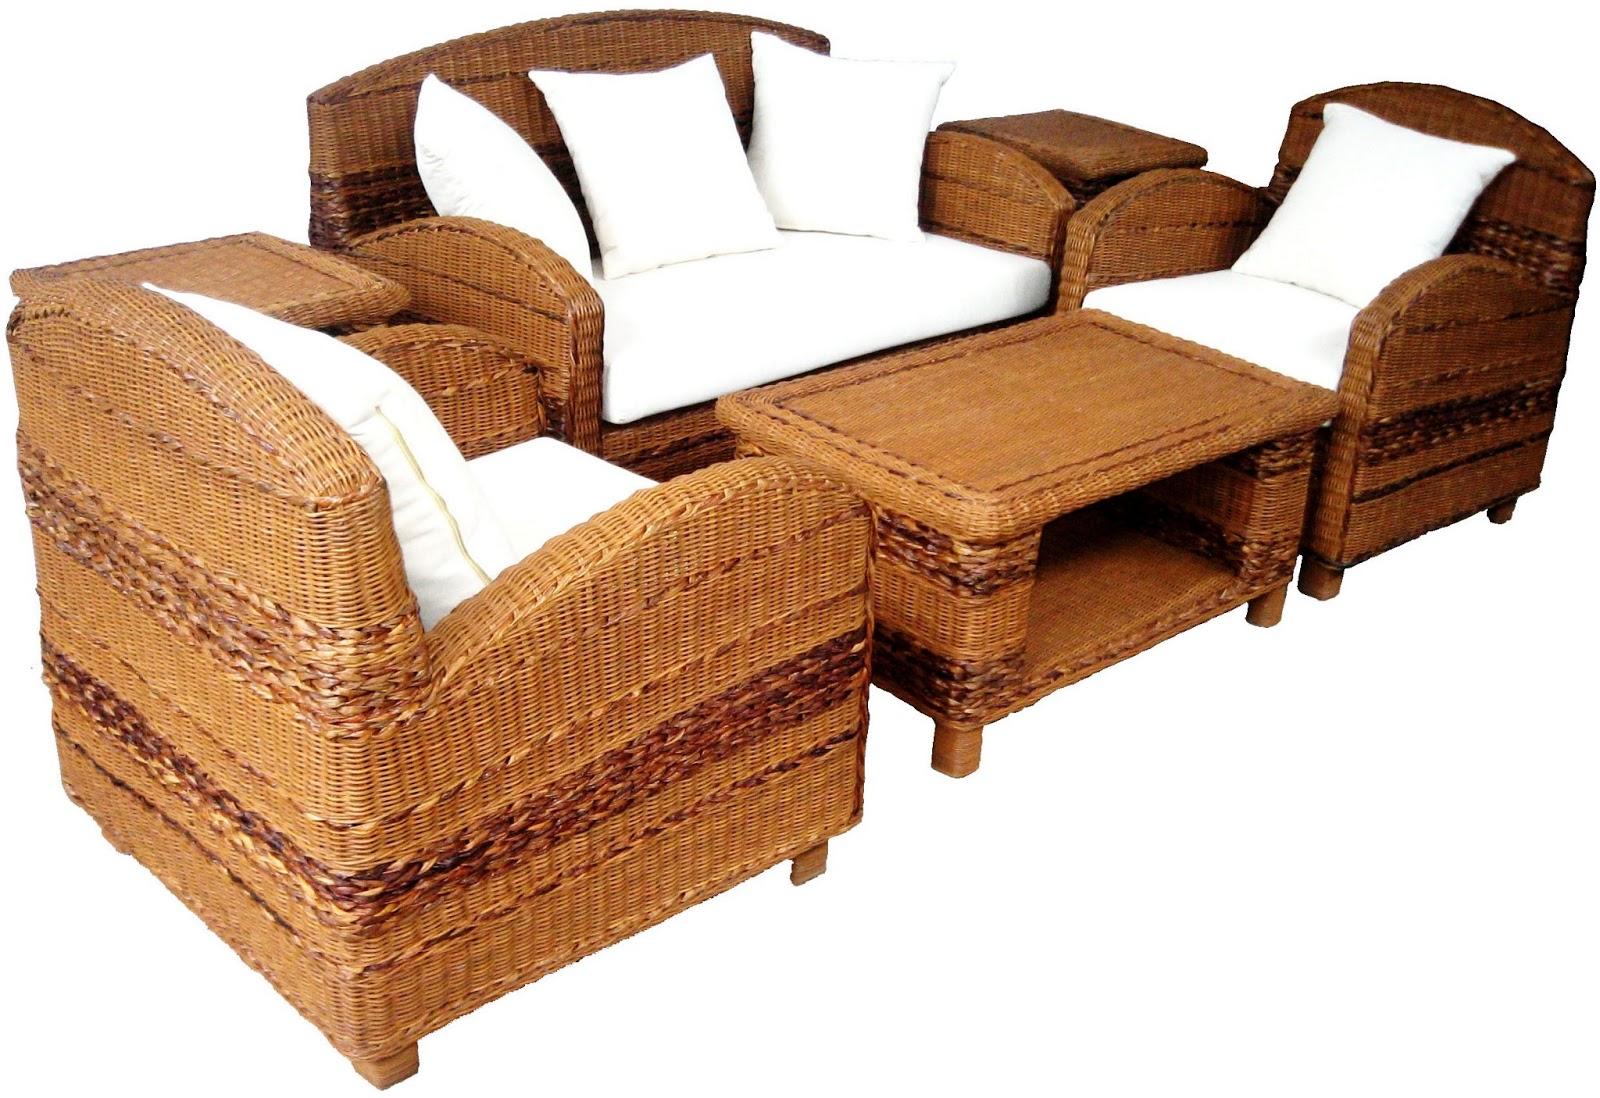 Wicker Sofa Set Philippines Leather Sofas Houston Texas Furniture